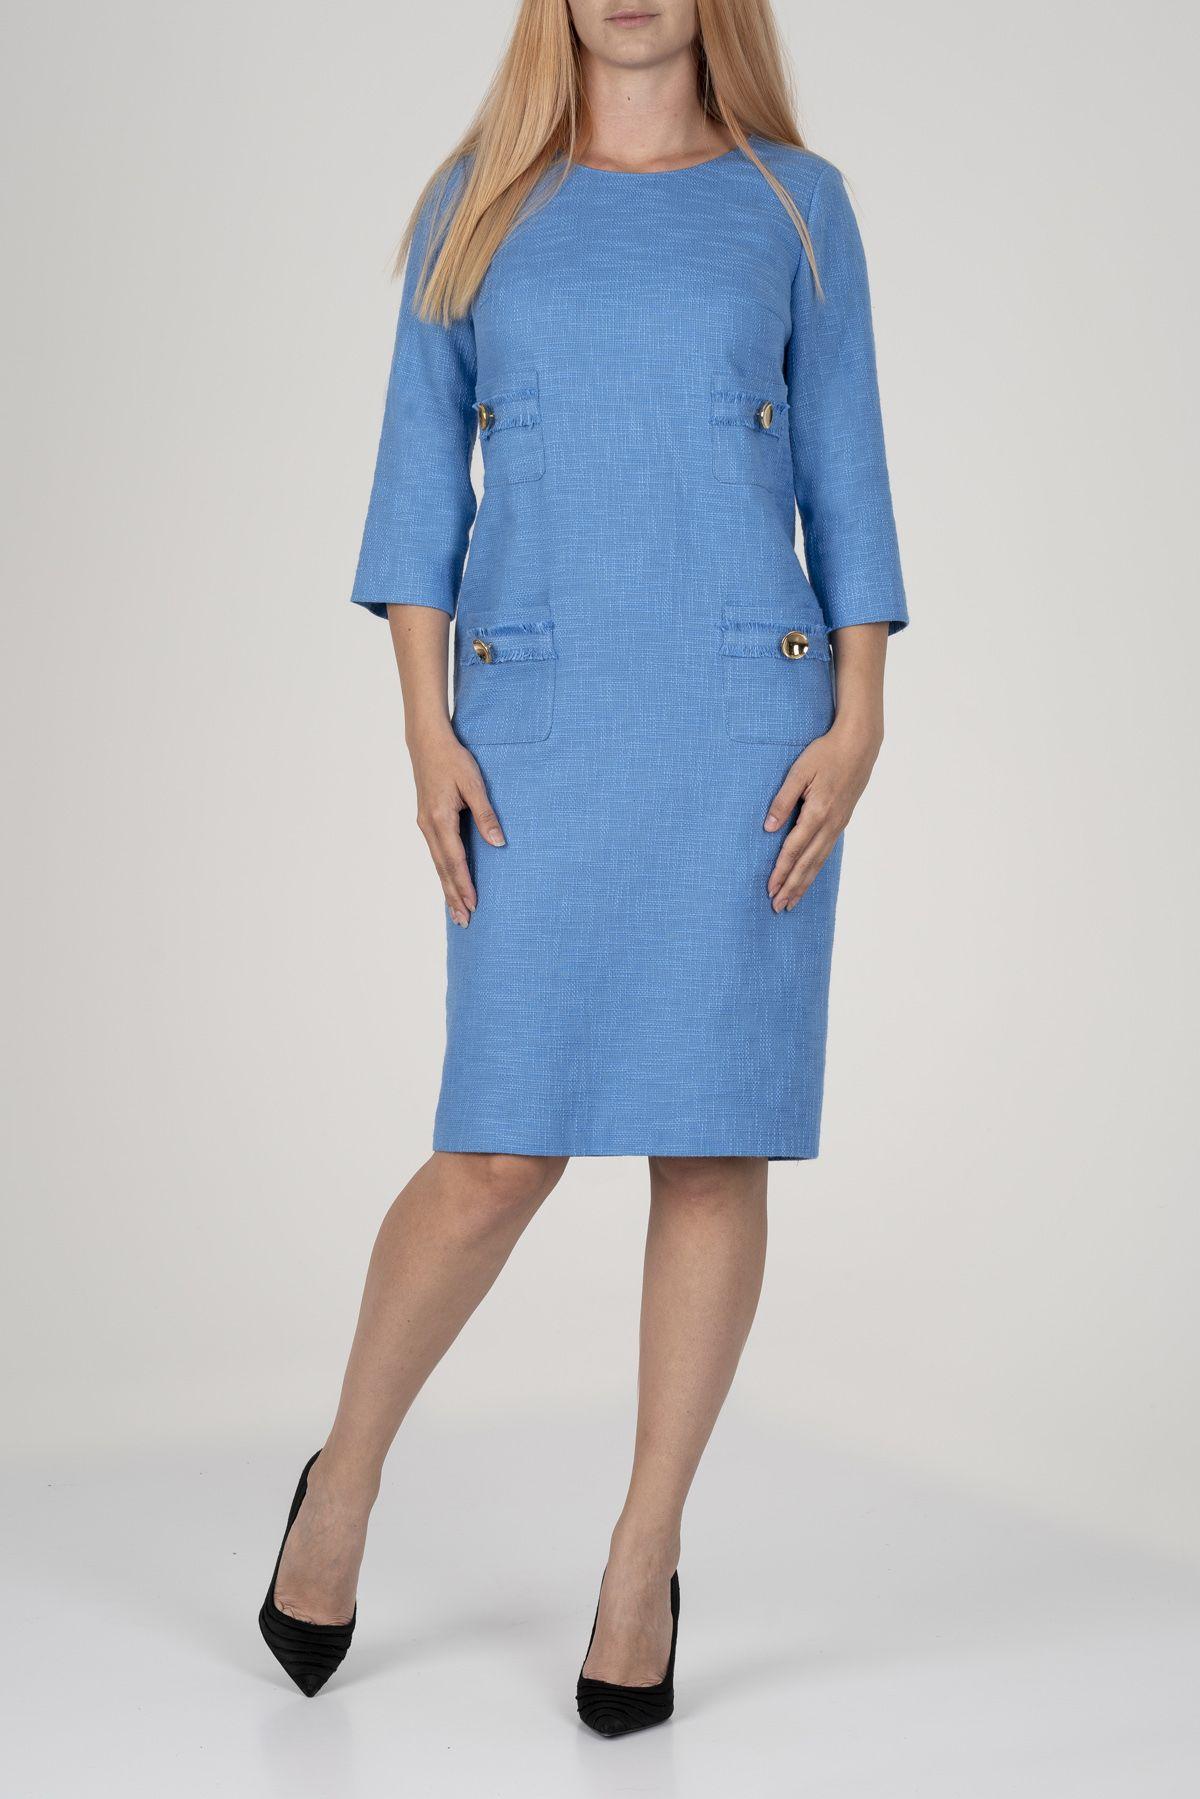 Синя рокля букле от Mellini